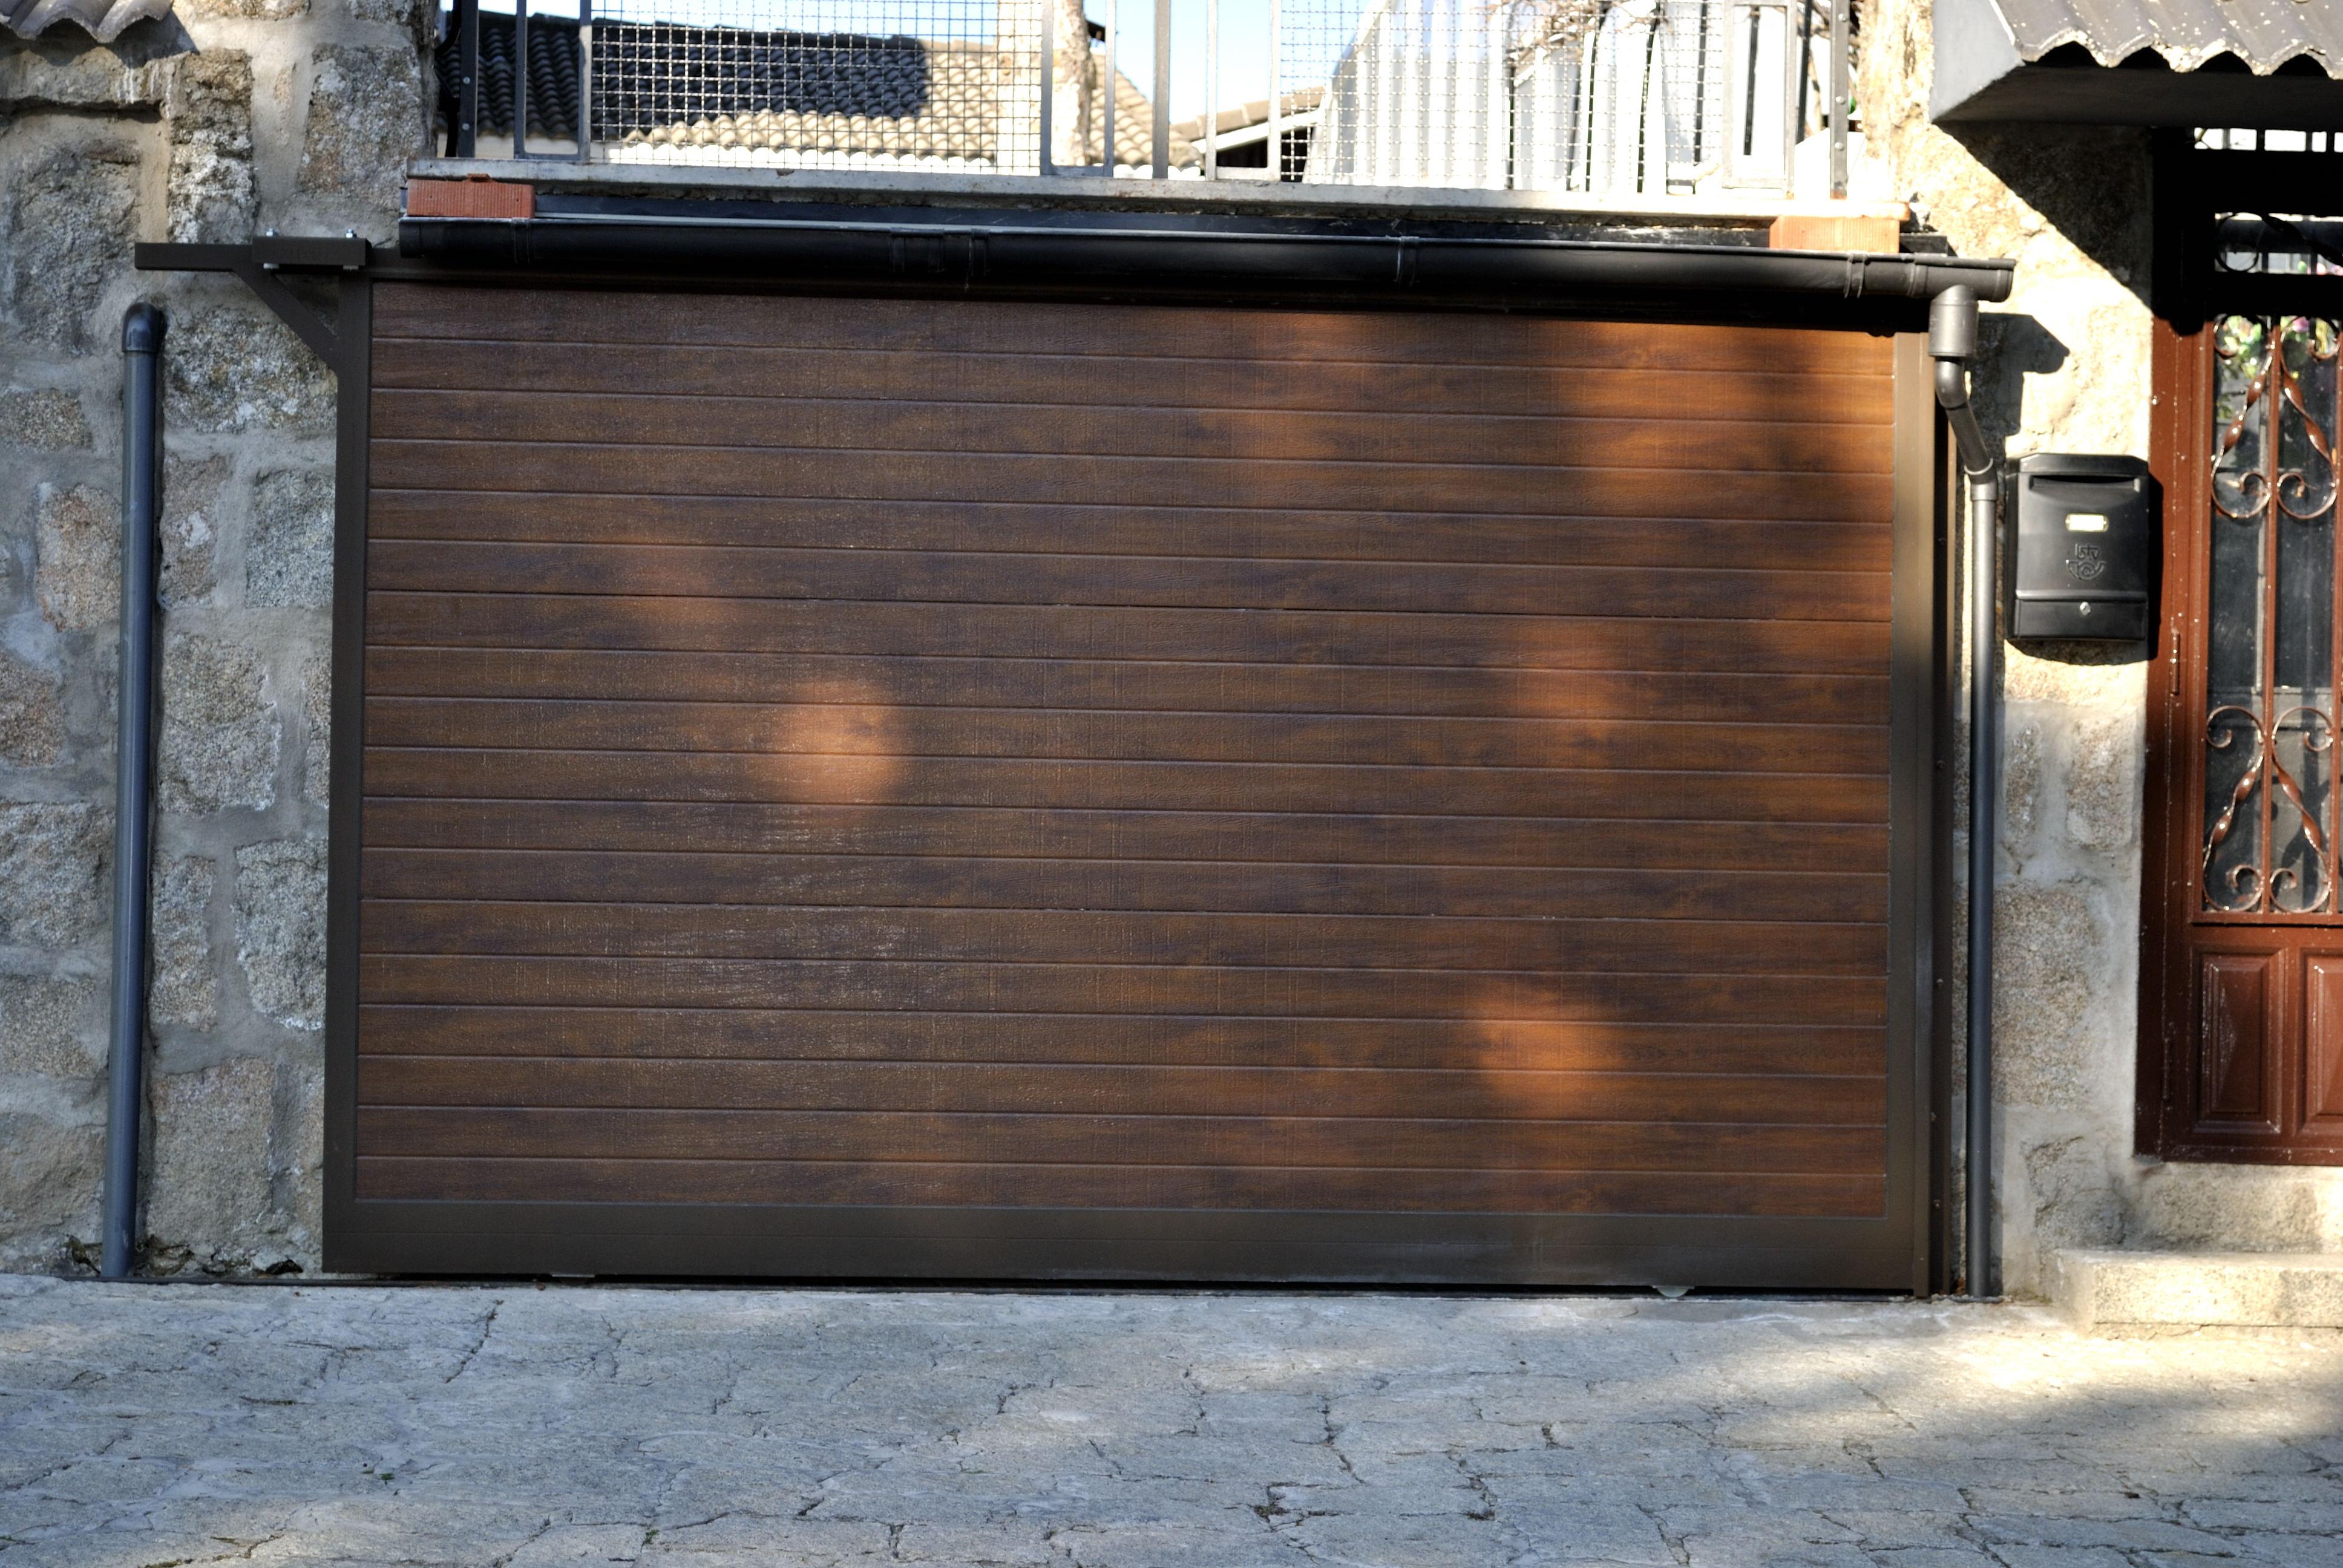 Todos puertas seccionales correderas abatibles pictures - Puertas correderas abatibles ...